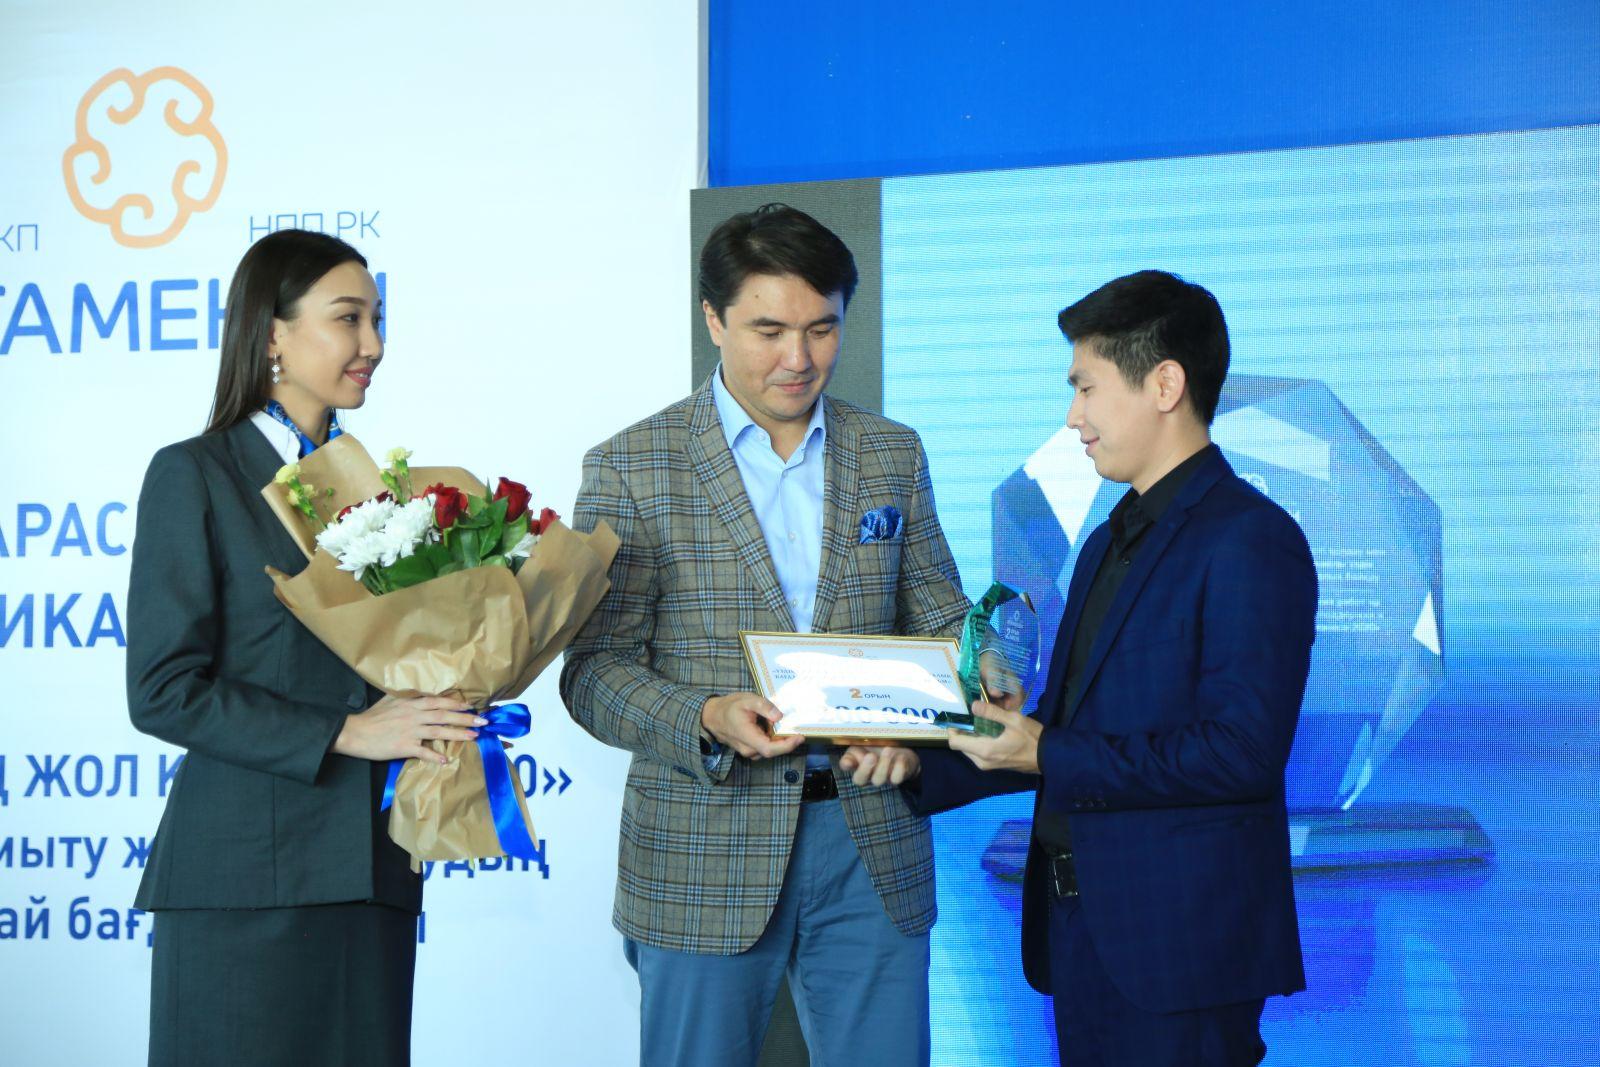 Награждены победители конкурса среди СМИ , НПП РК «Атамекен», Победители, Конкурс, СМИ